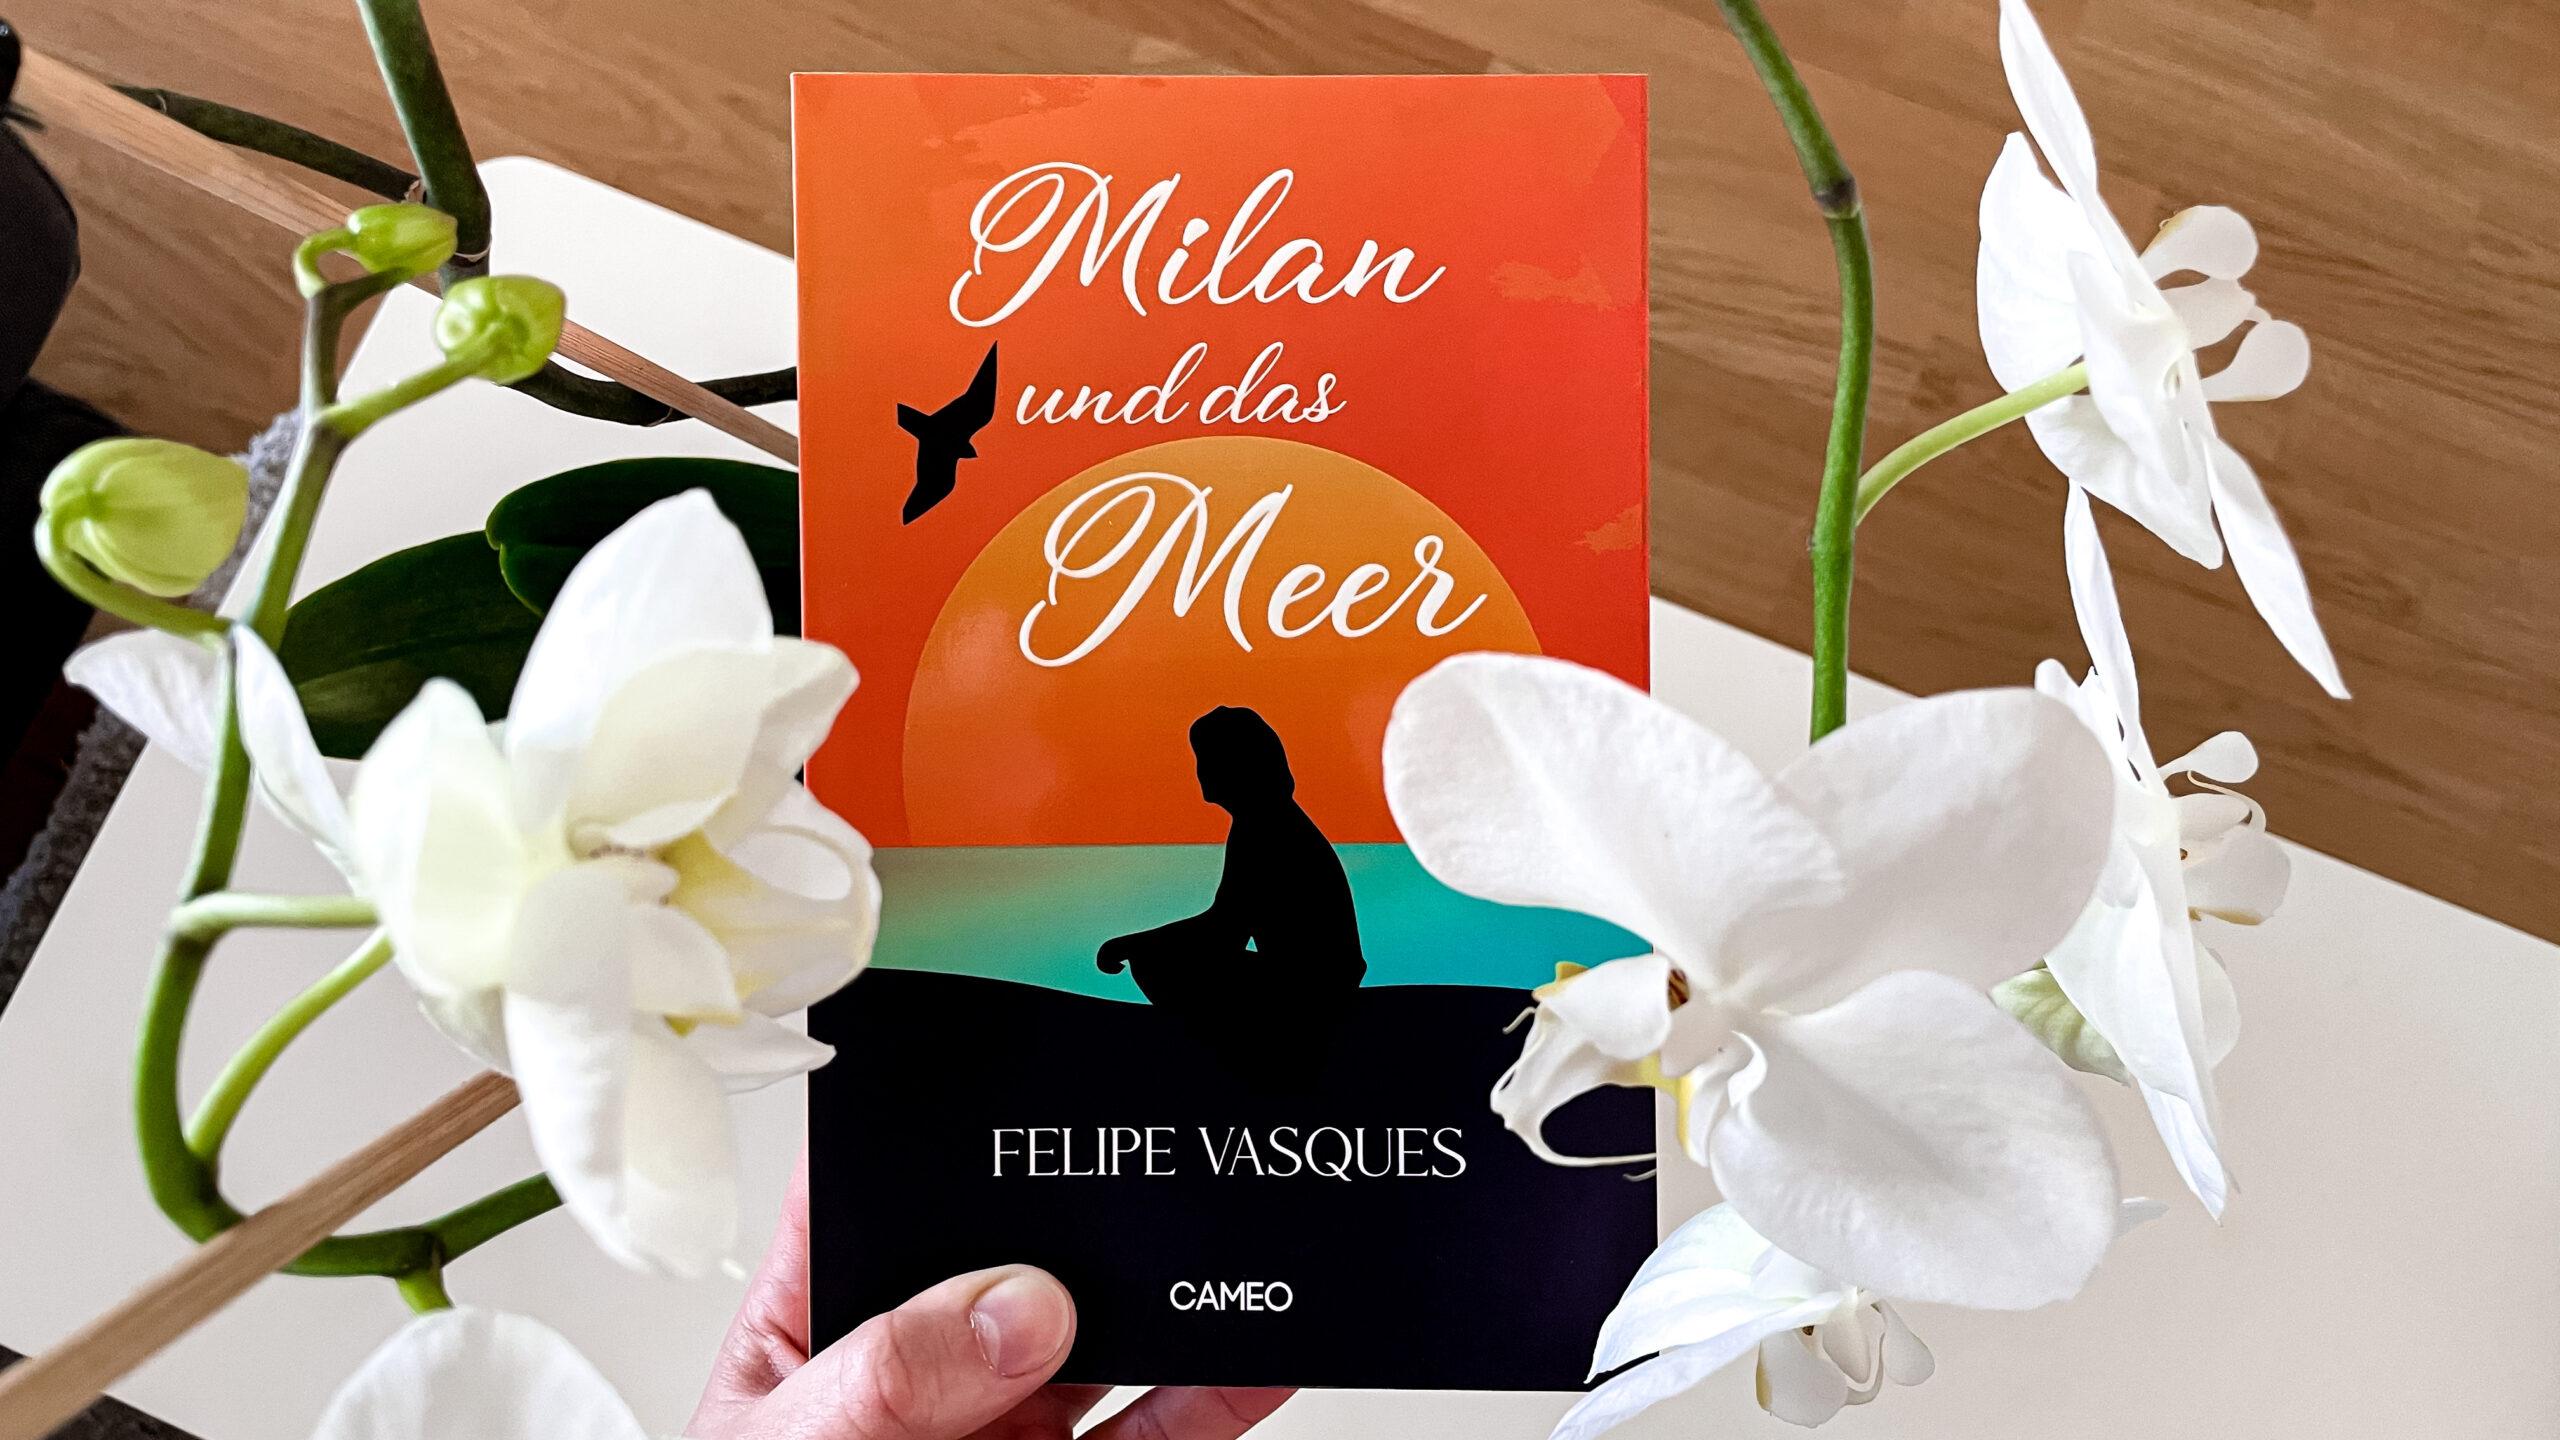 Bild Cover umgeben von weissen Orchideenblüten